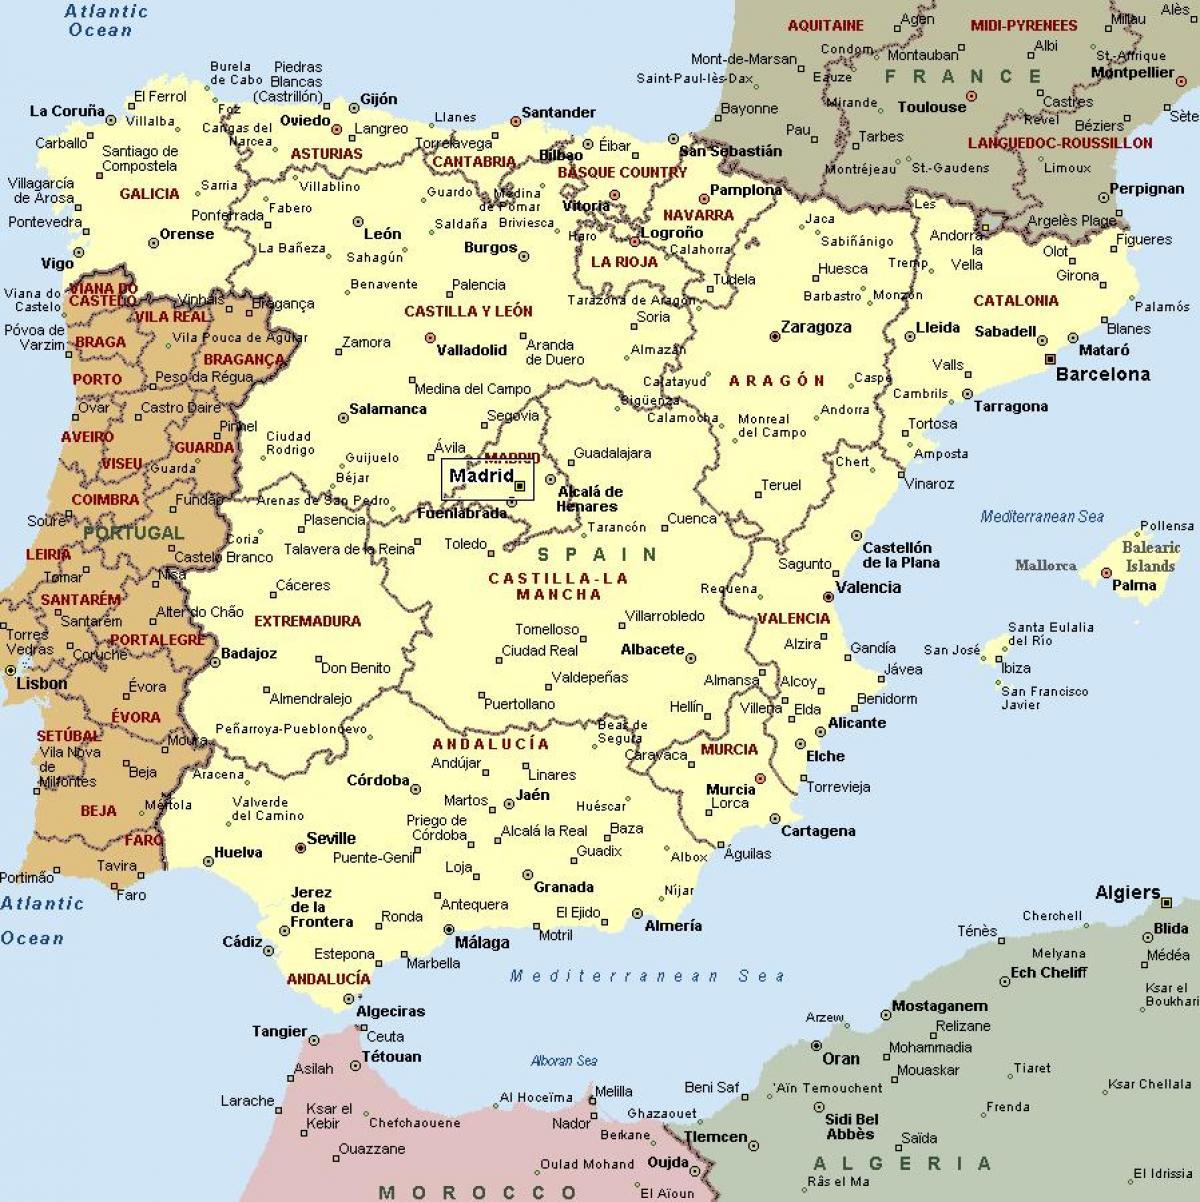 Terkep Spanyol Varosok Terkep Spanyol Varosok Del Europaban